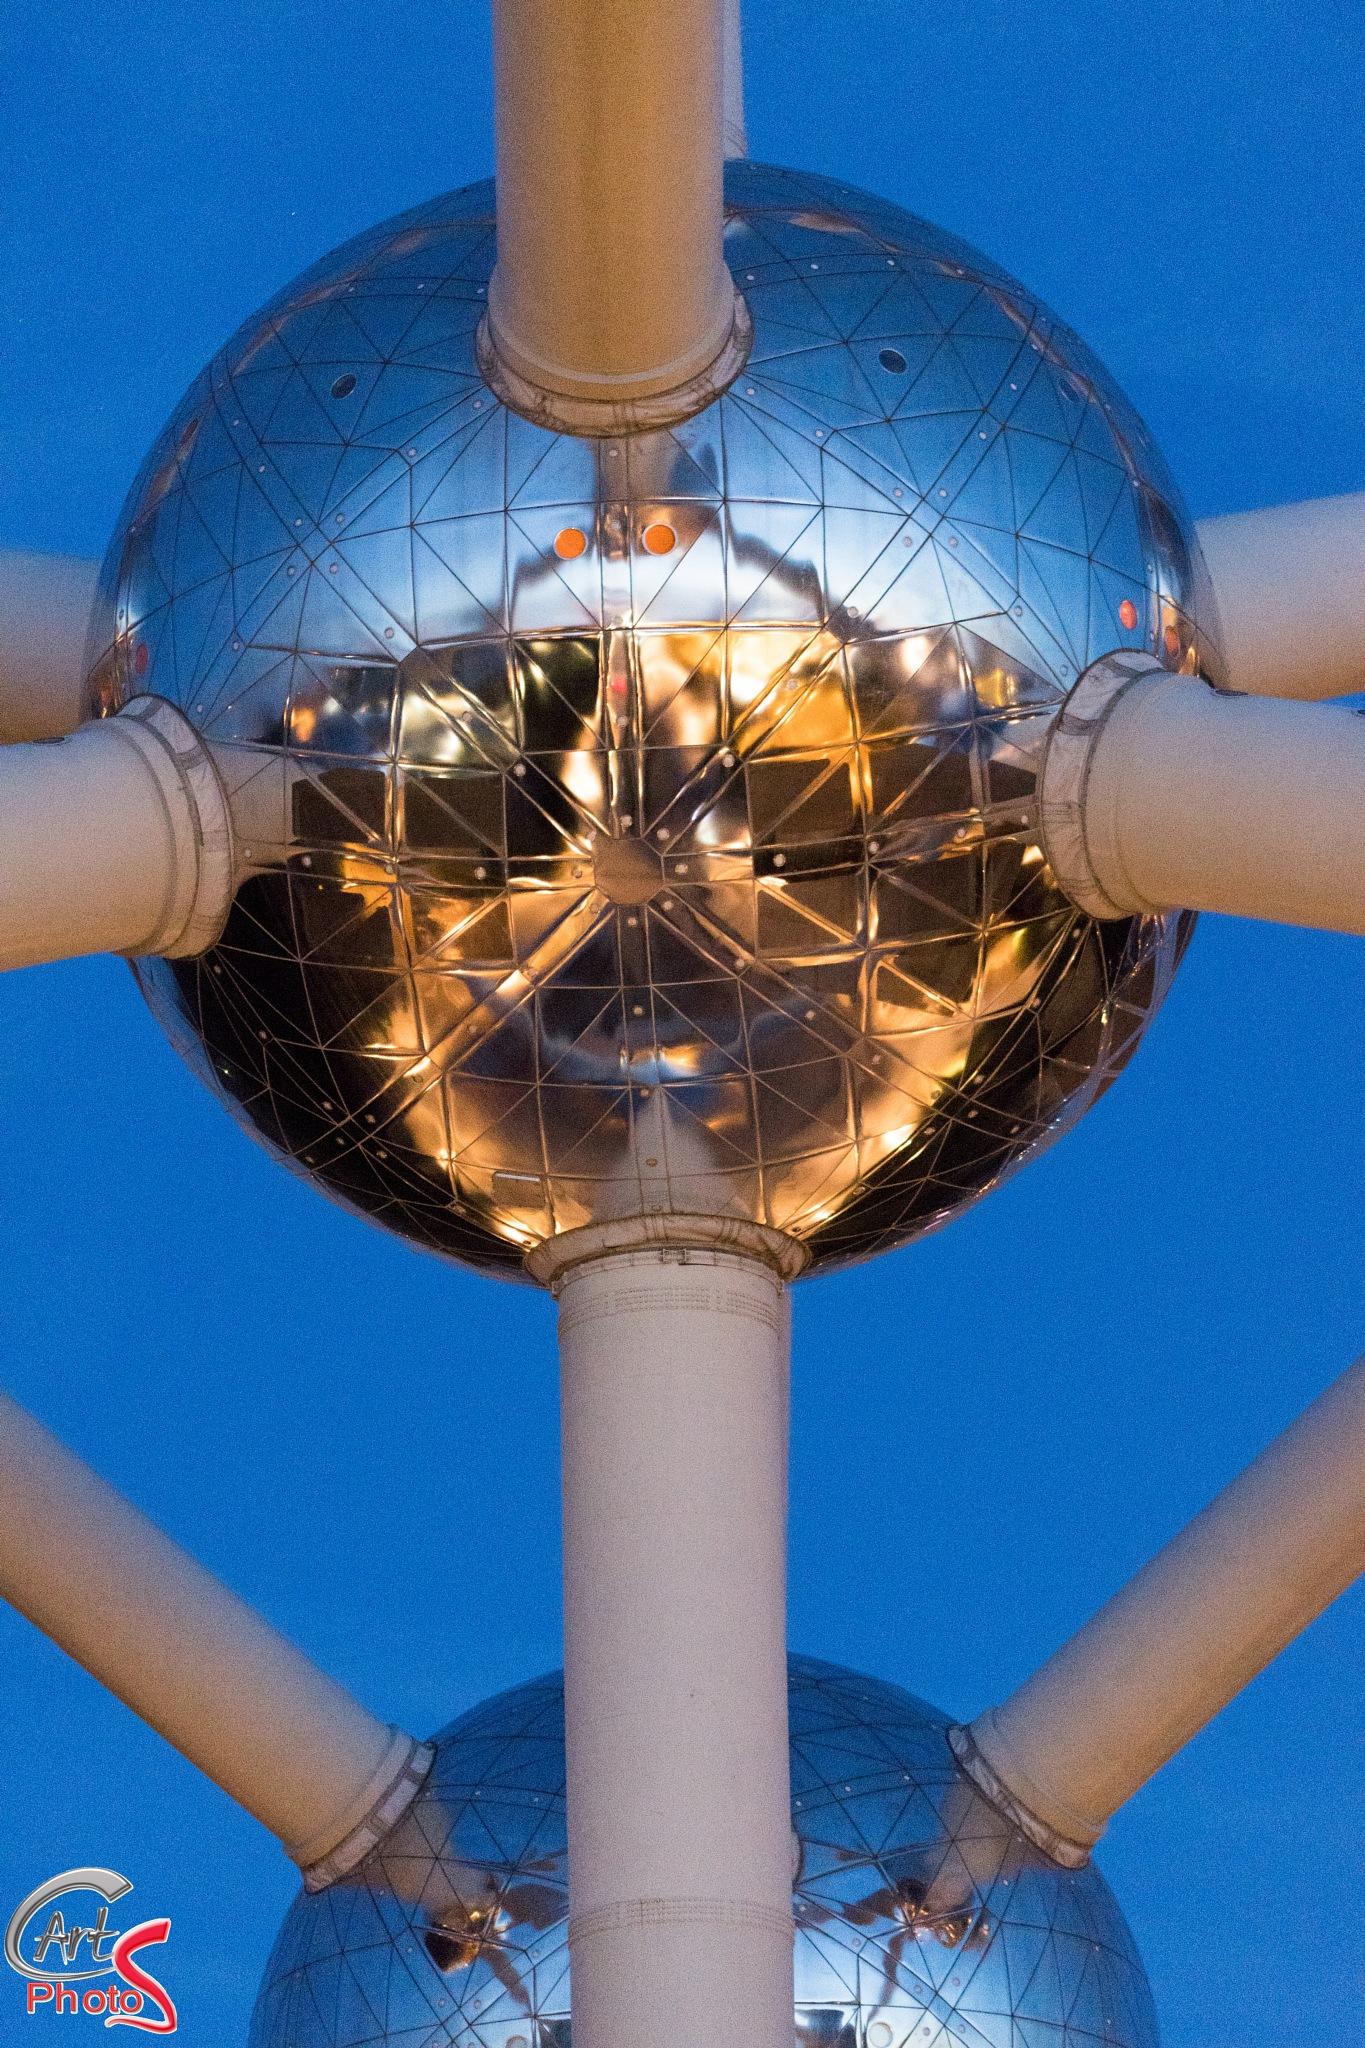 El atomium, una nave espacial  by CArtPhotoS